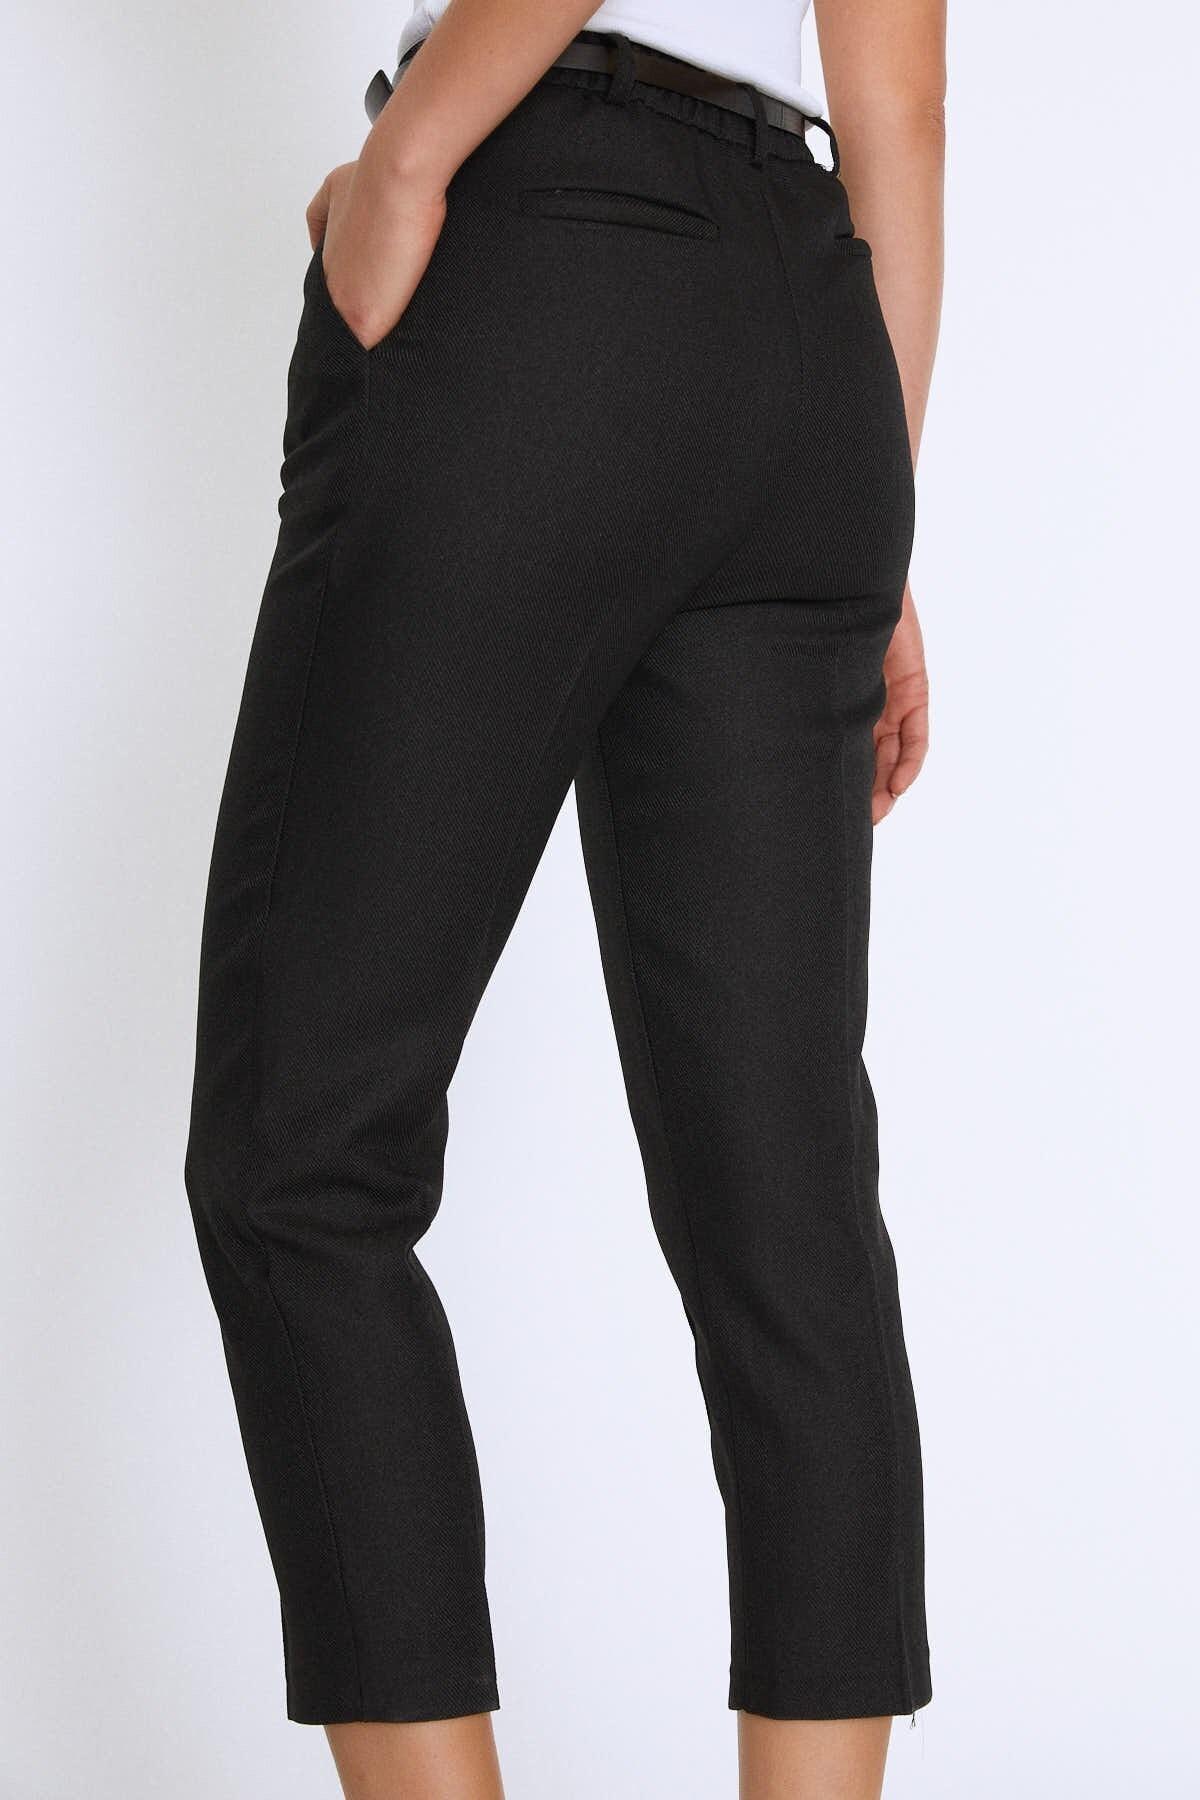 Quzu Kadın Yüksek Bel Kemerli Pantolon Siyah 20K70651-001 4